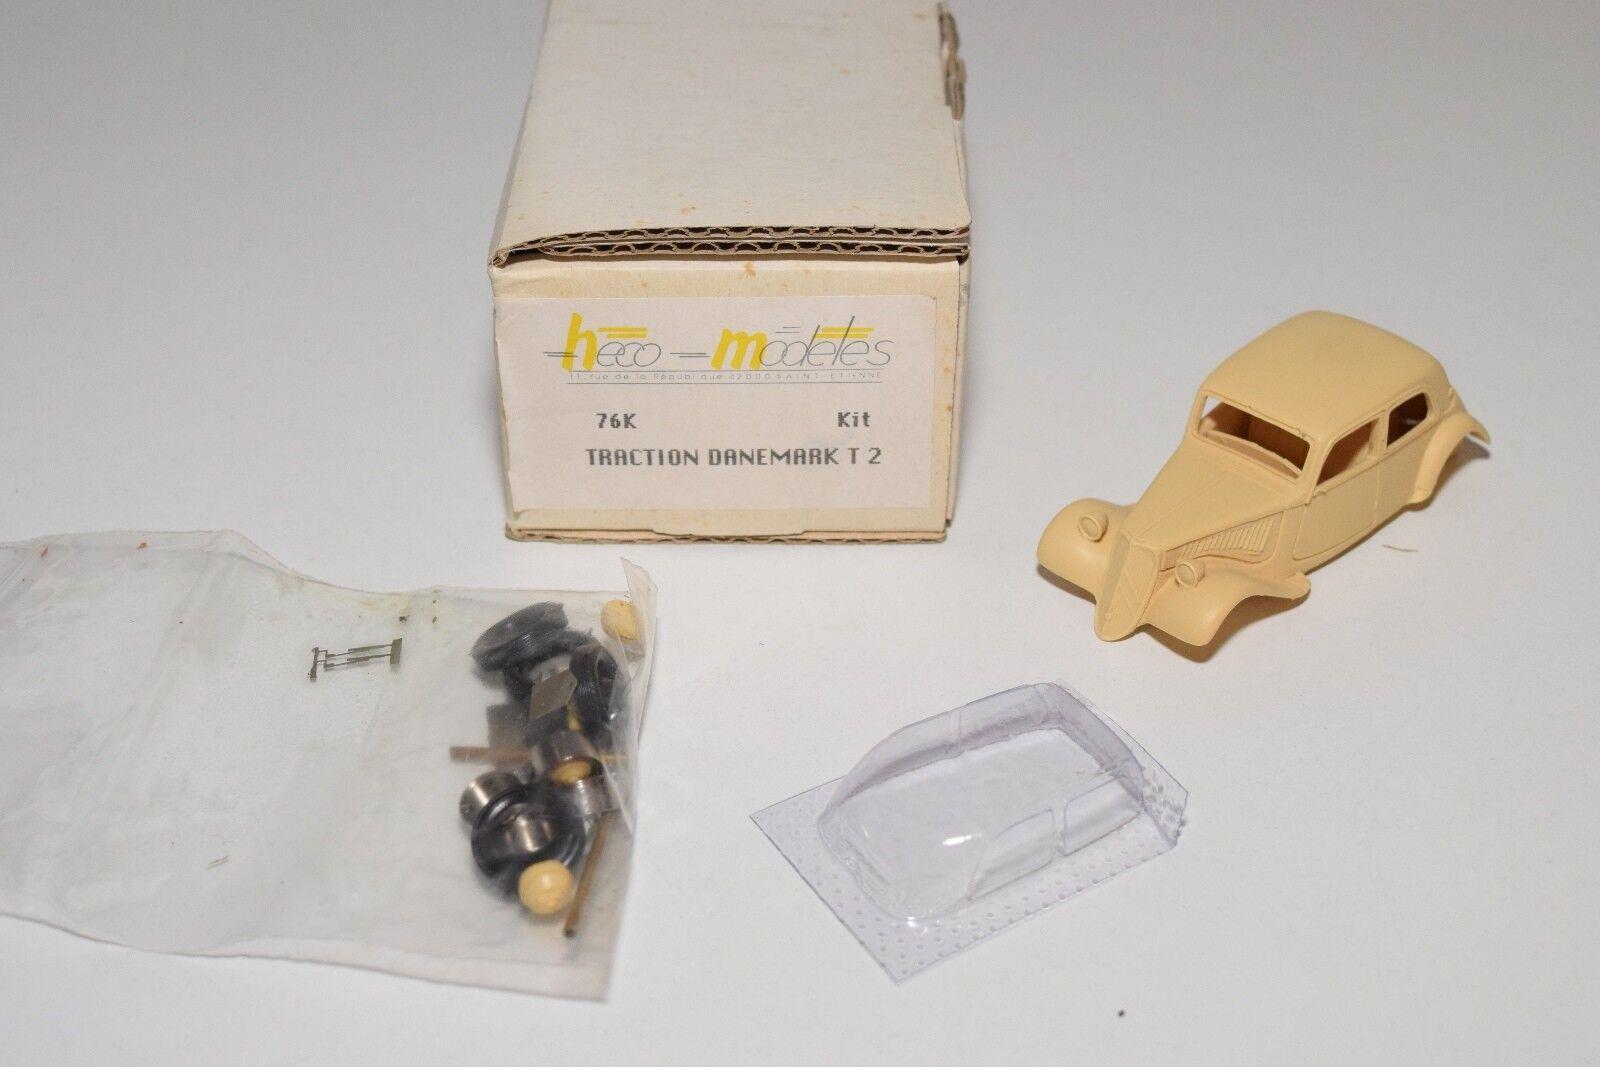 Z 1 43 RESIN KIT HECO MODELES 76K CITROEN TRACTION DANEMARK T2 MINT BOXED